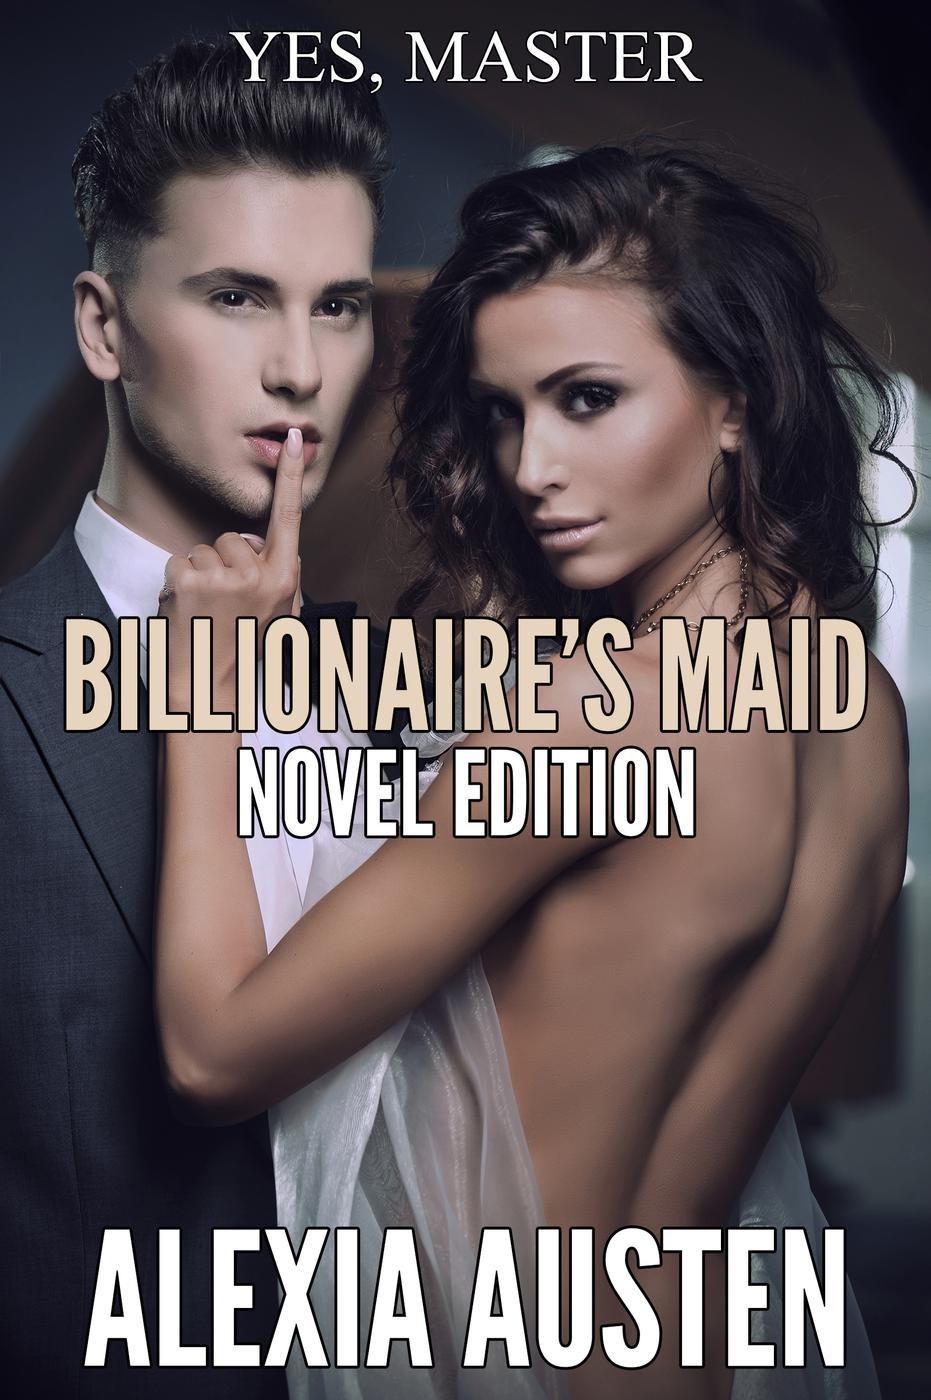 Billionaire's Maid (Novel Edition)